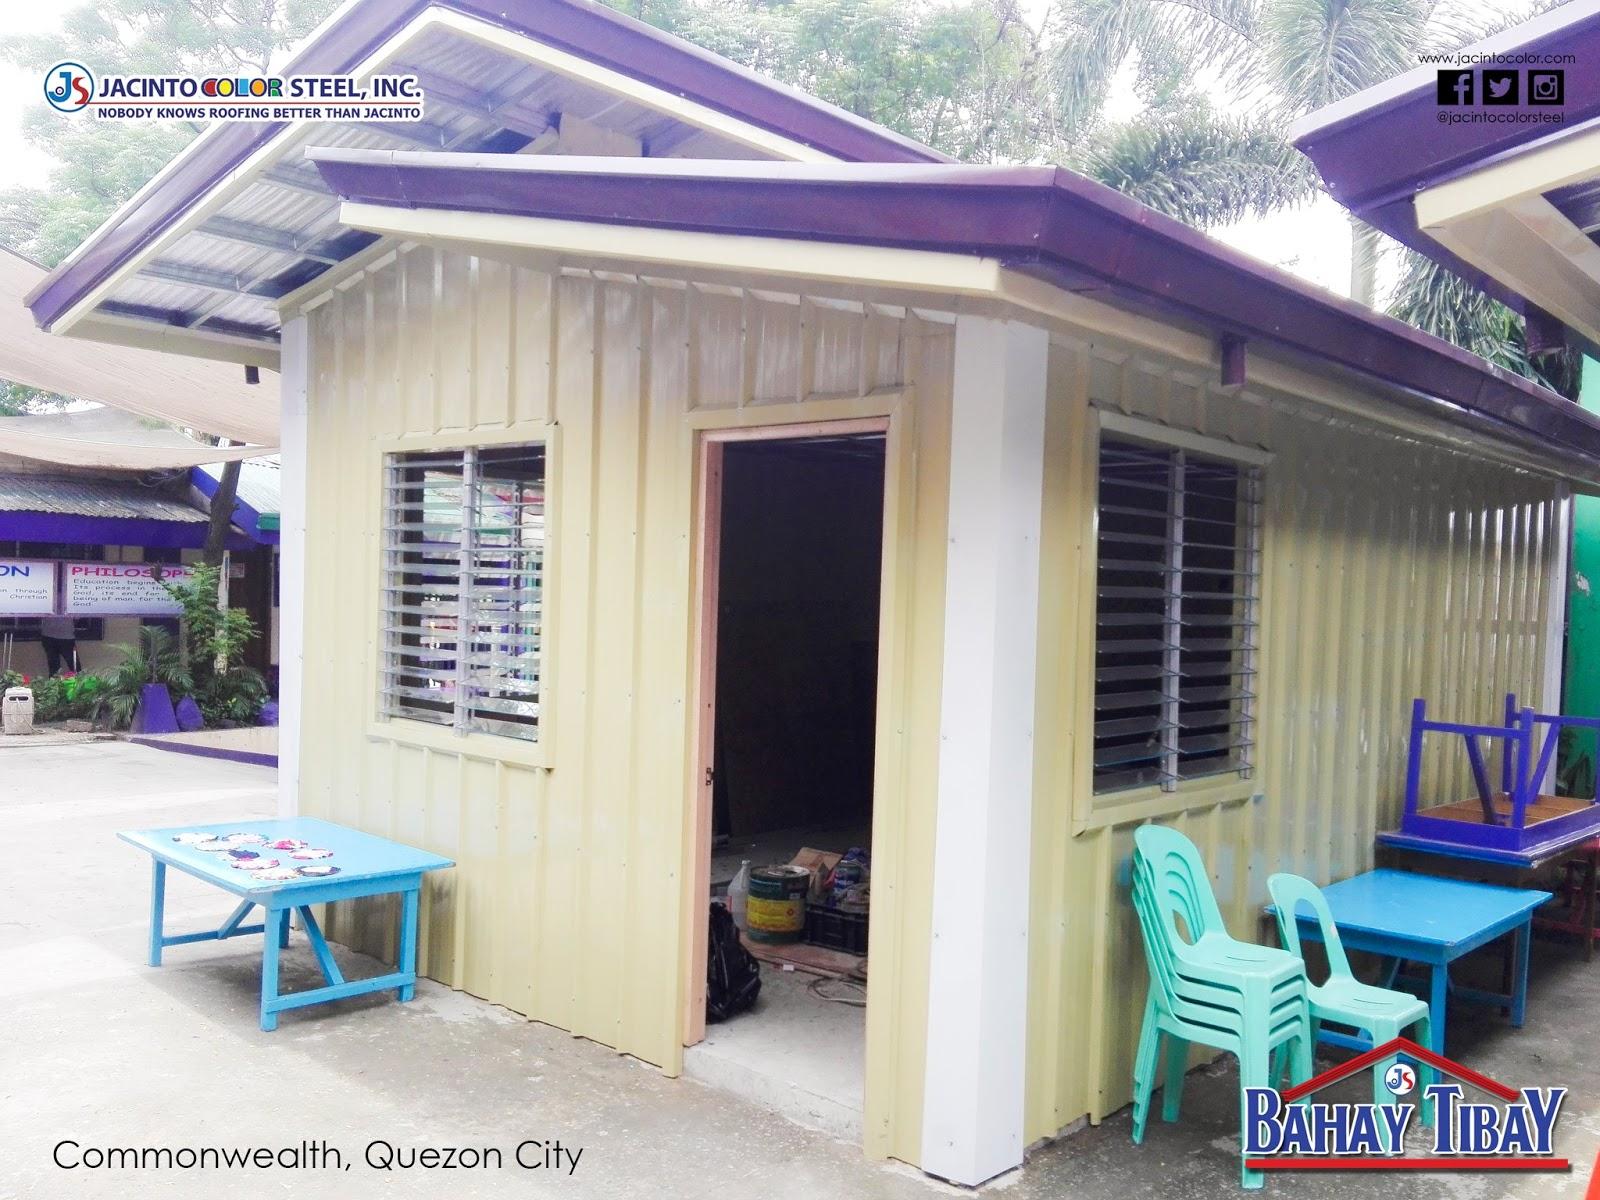 19238110_1201691383293858_533712932036229579_o Bathroom Door Design In The Philippines on bathroom designs in thailand, bathroom designs in india, bathroom designs in egypt, bathroom designs usa, house interior design in the philippines, modern furniture in the philippines, landscape design in the philippines, hardware in the philippines, apartment design in the philippines, art in the philippines, kitchen design in the philippines, kitchen ideas in the philippines, minimalist house design in the philippines, small houses in the philippines, garden in the philippines, architects in the philippines, bathroom designs in singapore, house plans in the philippines, bedroom design in the philippines, windows design in the philippines,